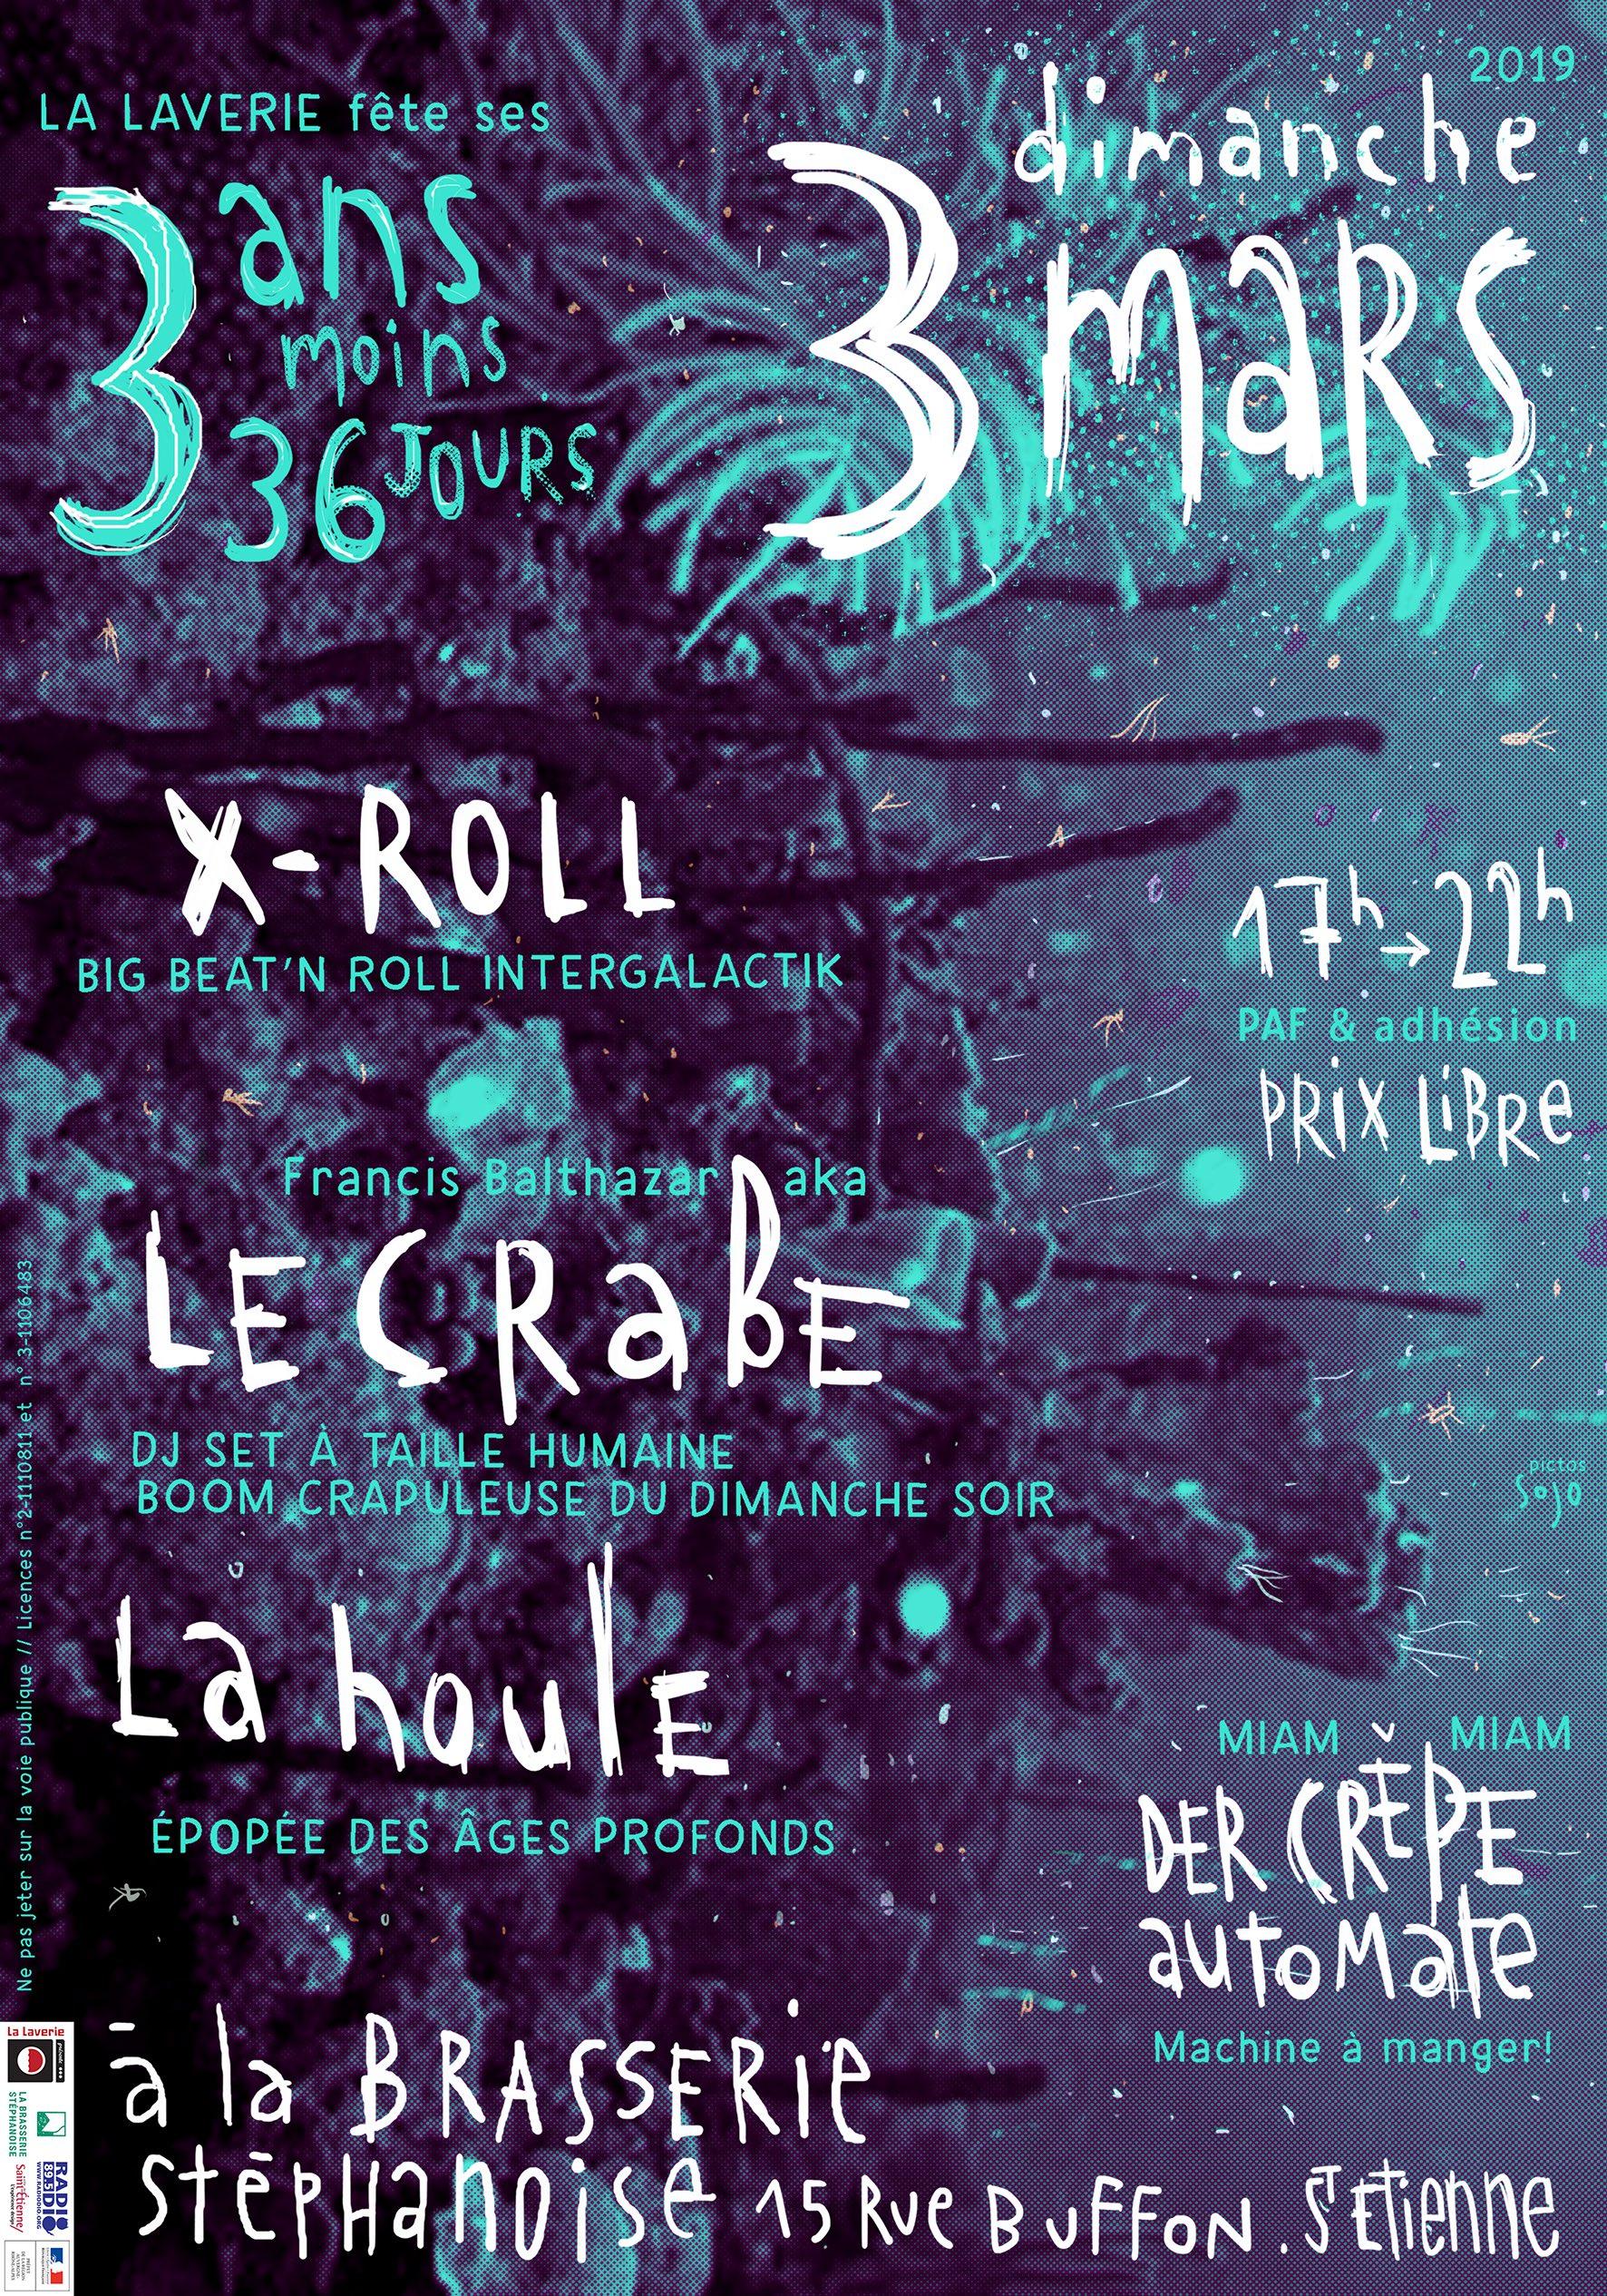 La Laverie fête ses 3 ans - 36 jours : x-roll / le crabe / la houle